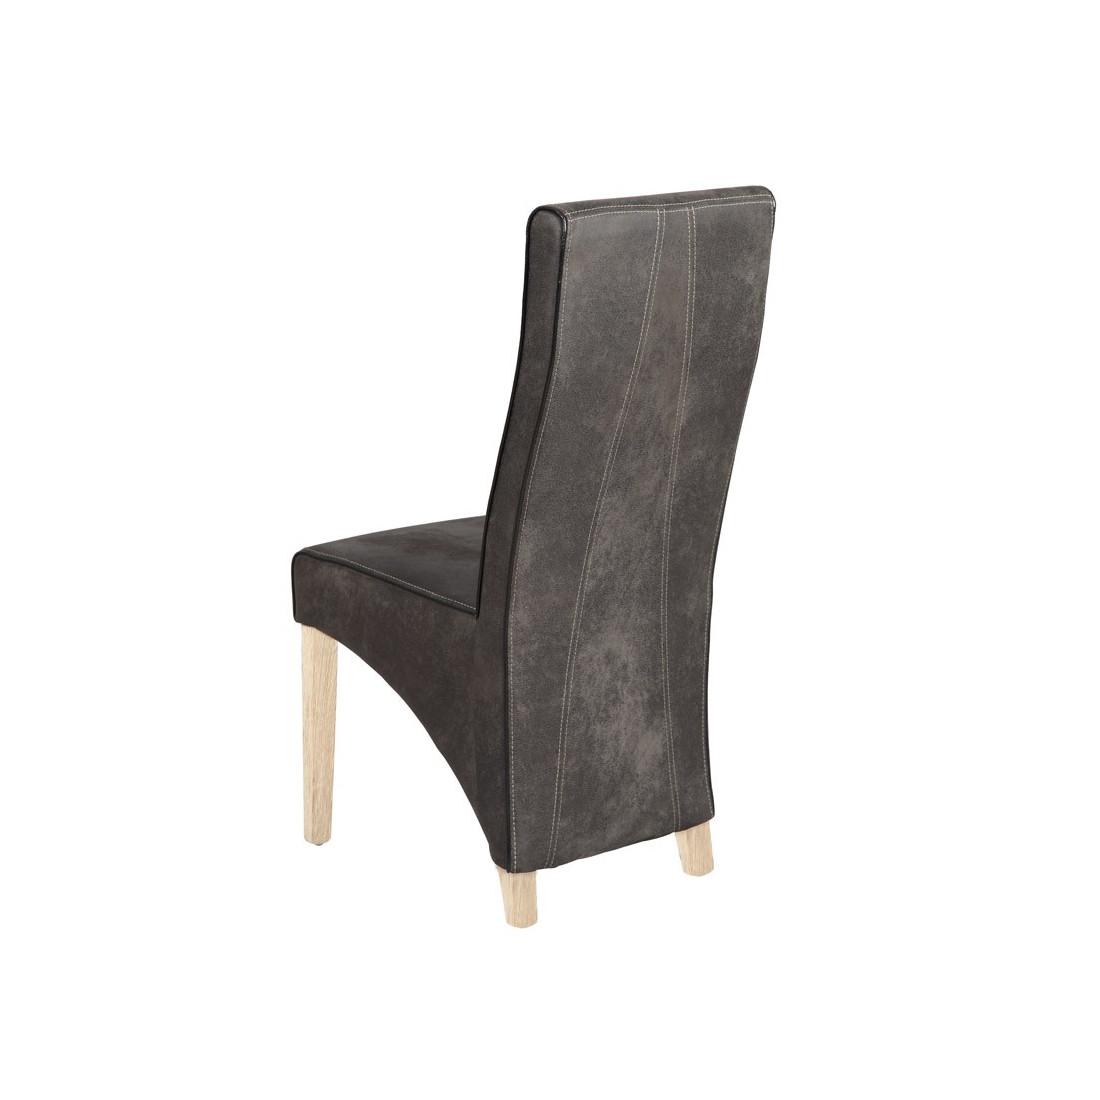 duo chaise grise bali univers de la salle manger tousmesmeubles. Black Bedroom Furniture Sets. Home Design Ideas